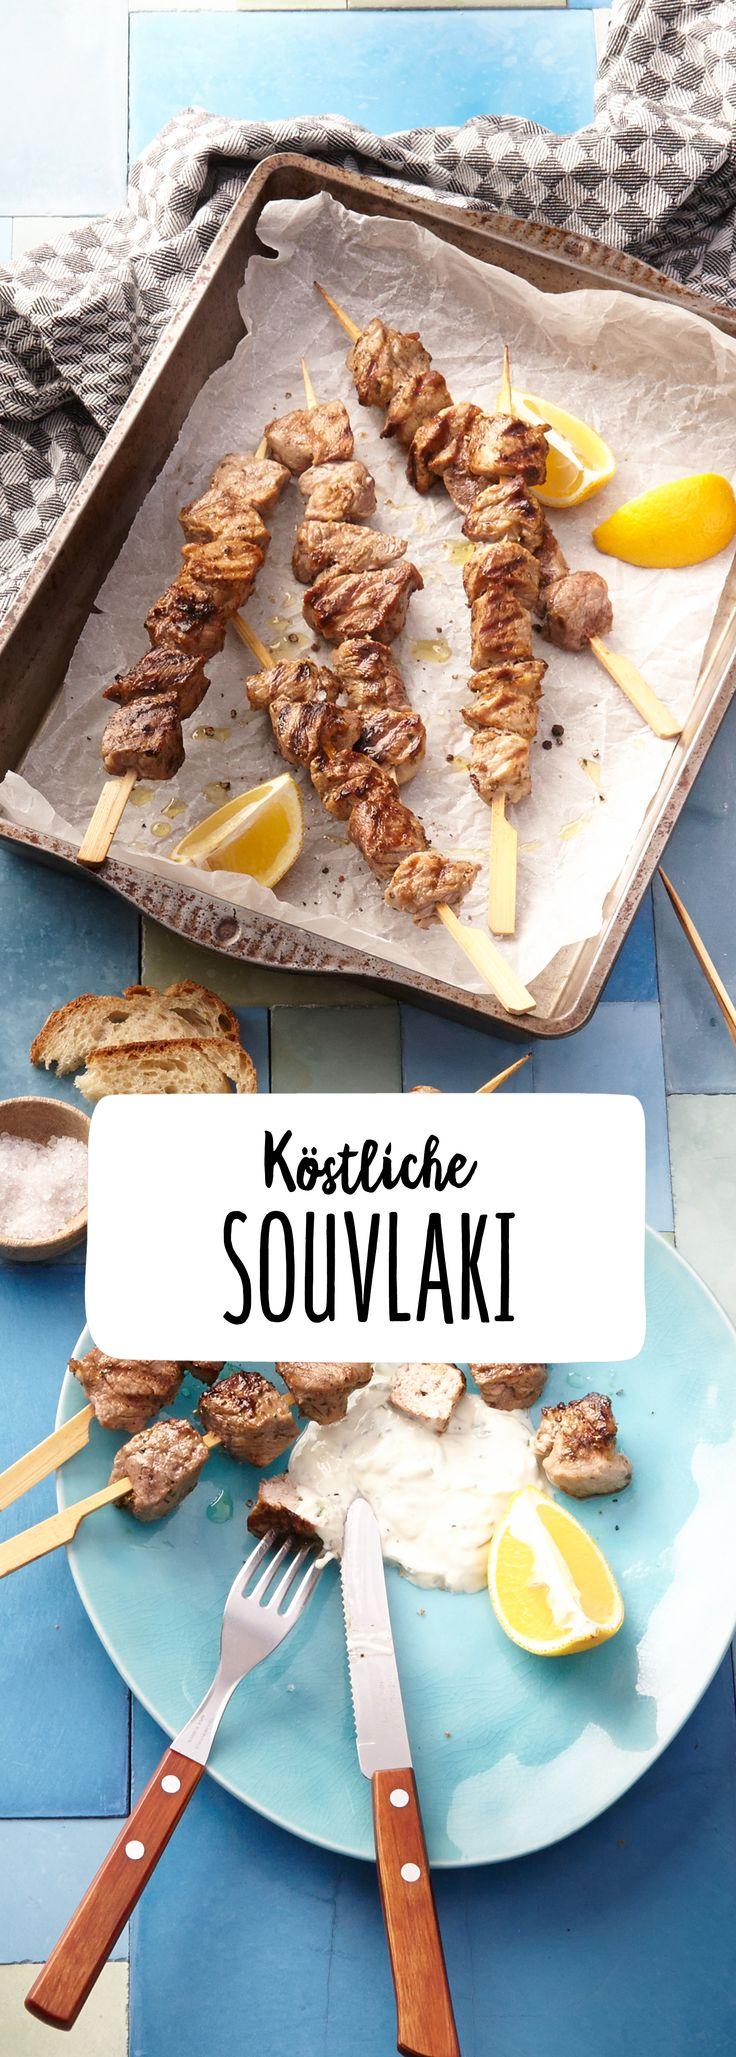 Souflaki Lecker Griechisch Mediterran Zaziki Braten Ofen Fleisch Schwein Lamm Rind Spieß Buffet Hauptgericht Mahlzeit Party Snack